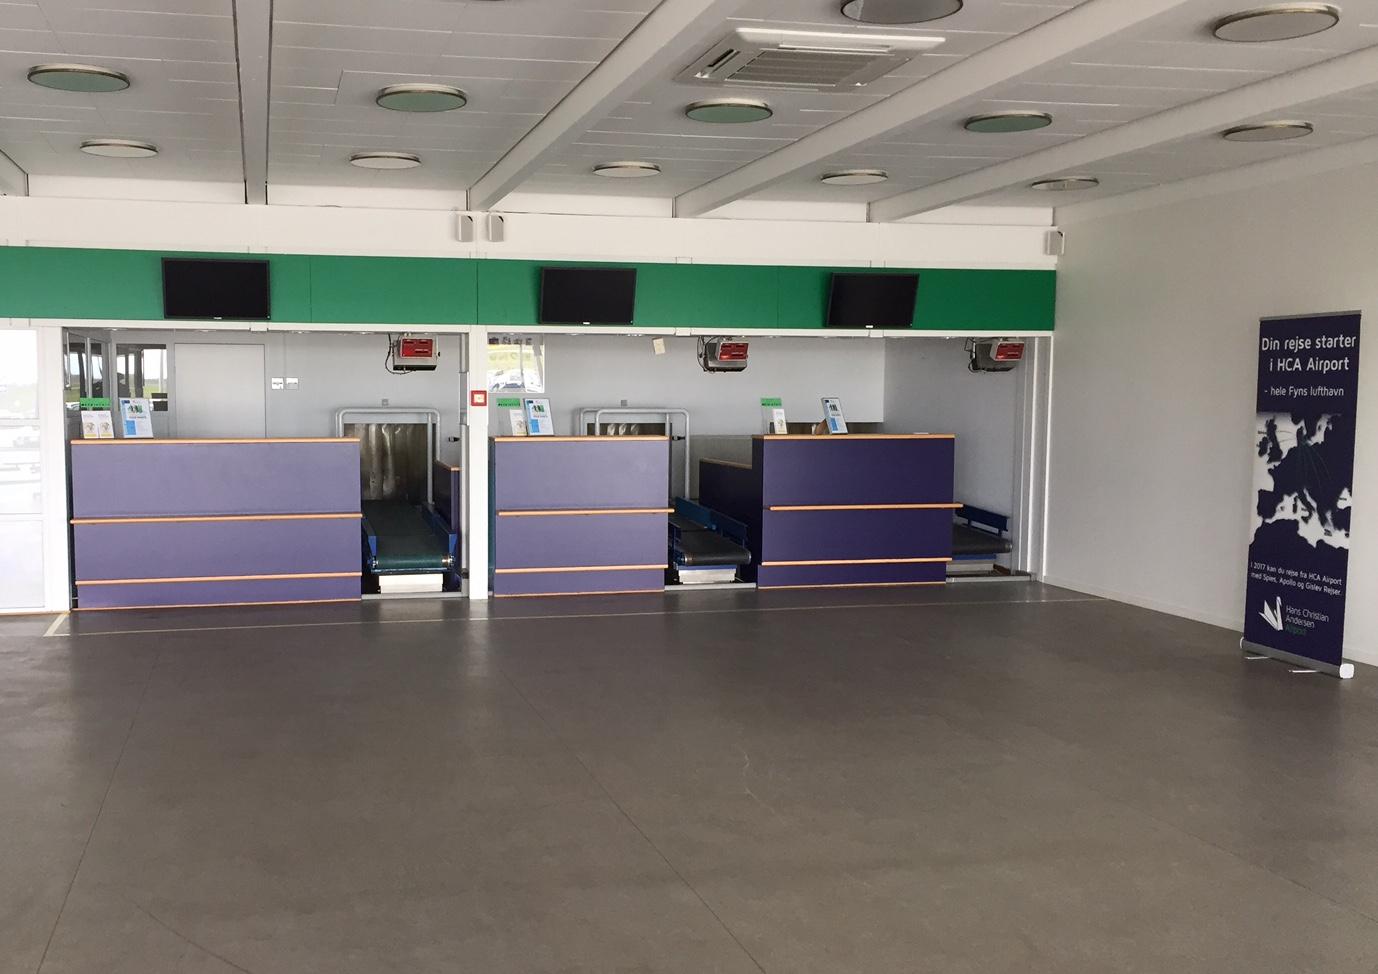 Check-in skrankerne står klar, hvis et selskab en dag vil starte fast ruteflyvning til HCA Airport. Foto: Andreas Krog.